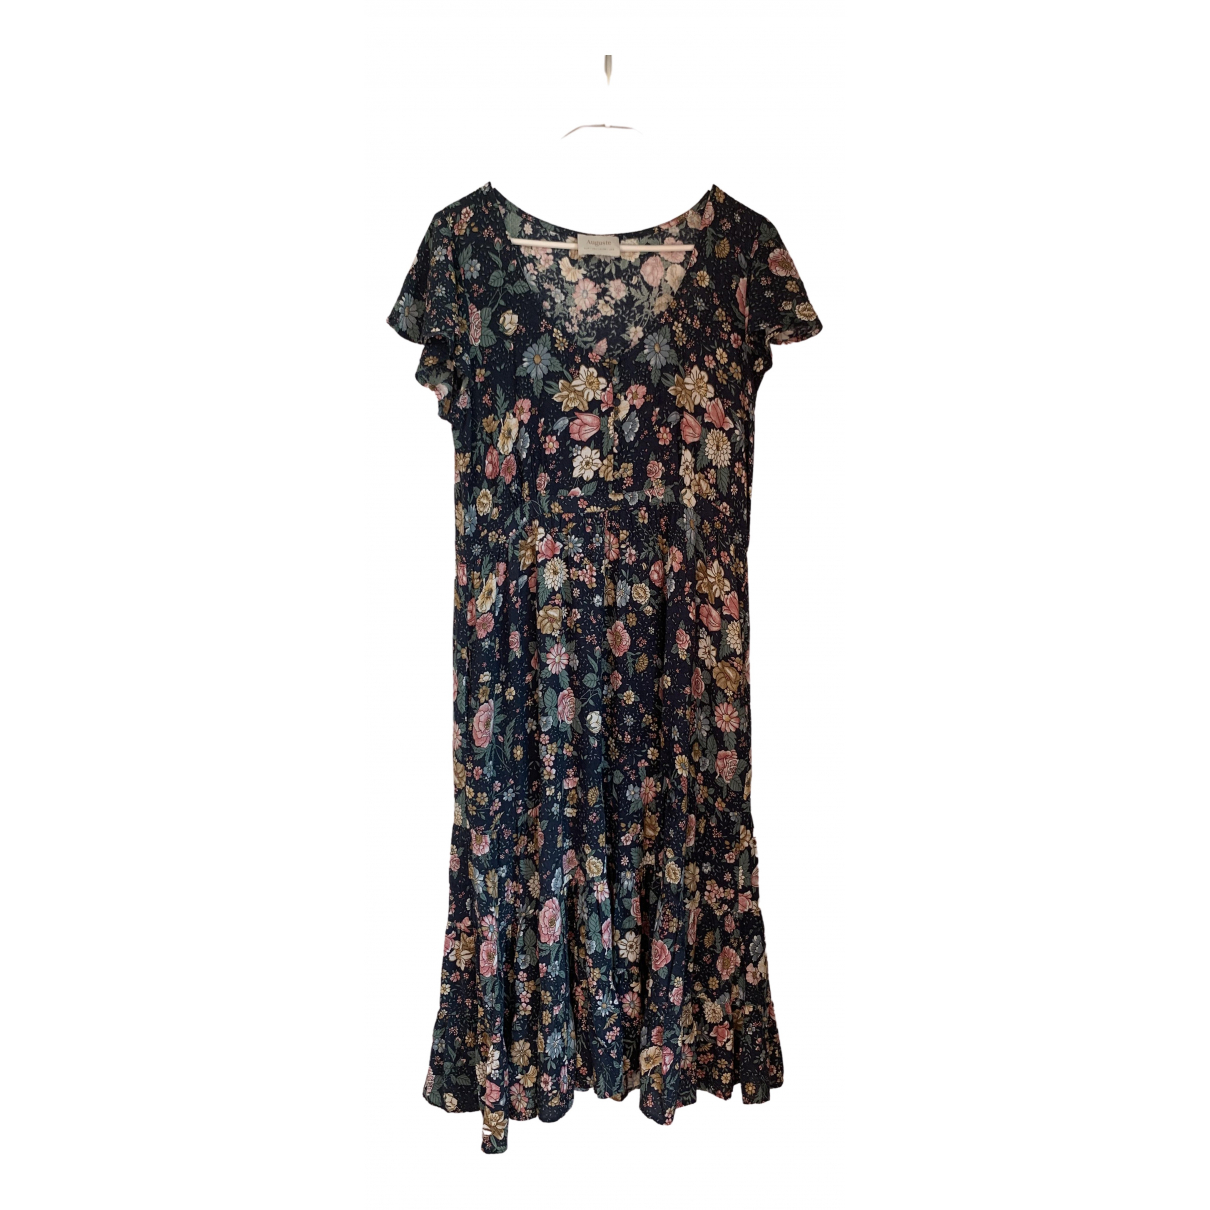 Auguste \N Kleid in  Bunt Baumwolle